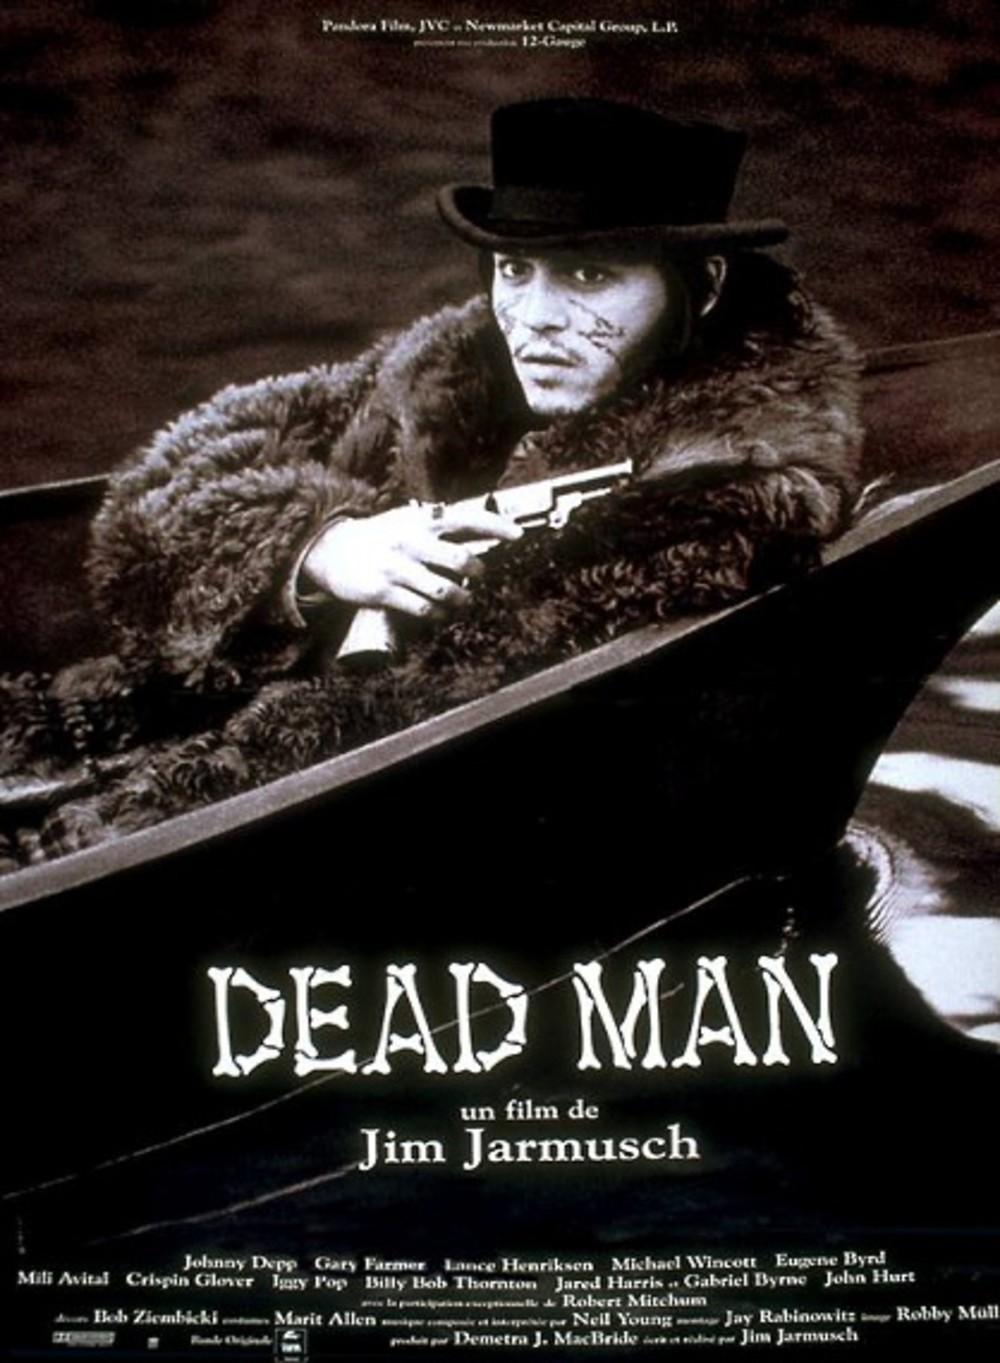 affiche du film Dead Man